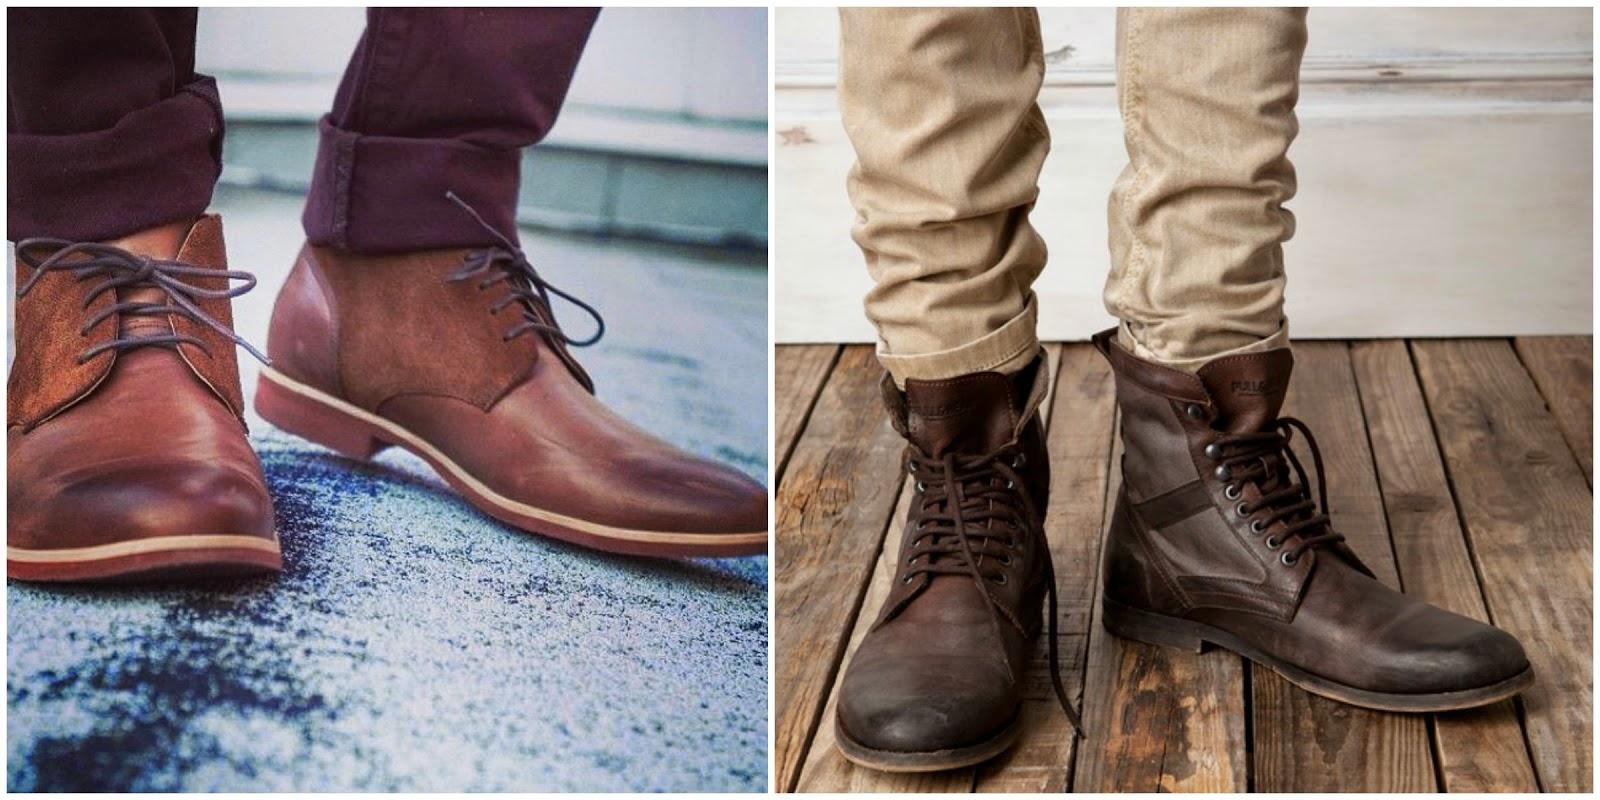 Para estrenar ff339 d9b08 El zapato hace al hombre: Chukkas y Botines. | Blog de Moda ...